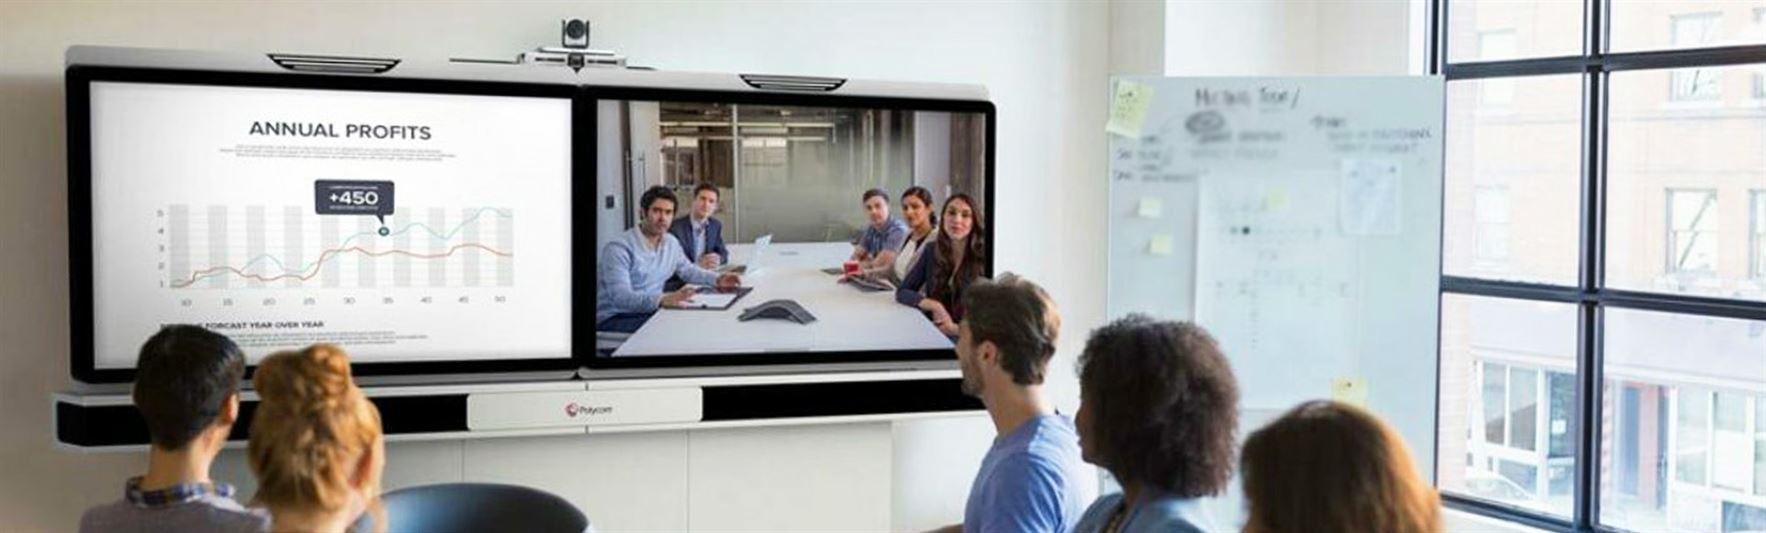 Progetta la tua sala per videoconferenze: rimani sempre operativo ai tempi di Covid-19